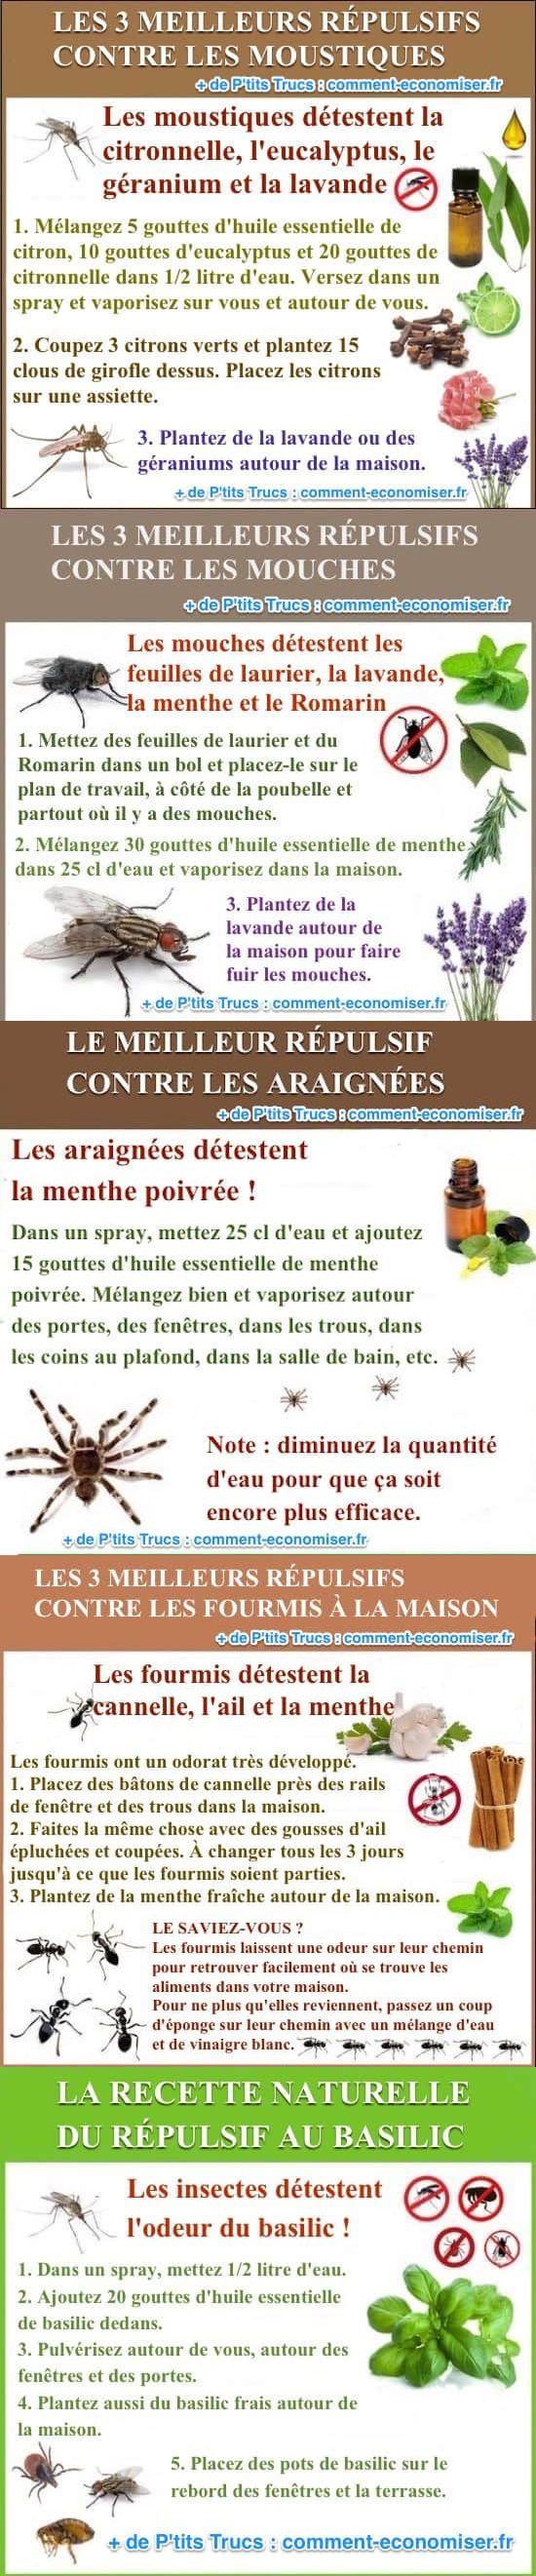 Les 5 Meilleurs Répulsifs Naturels Contre Tous les Insectes.